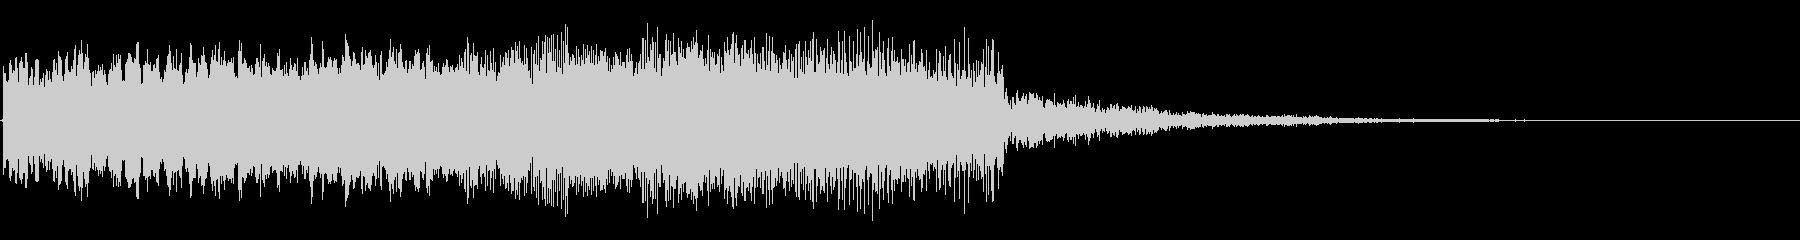 ゲームショーロススイープアクセントの未再生の波形